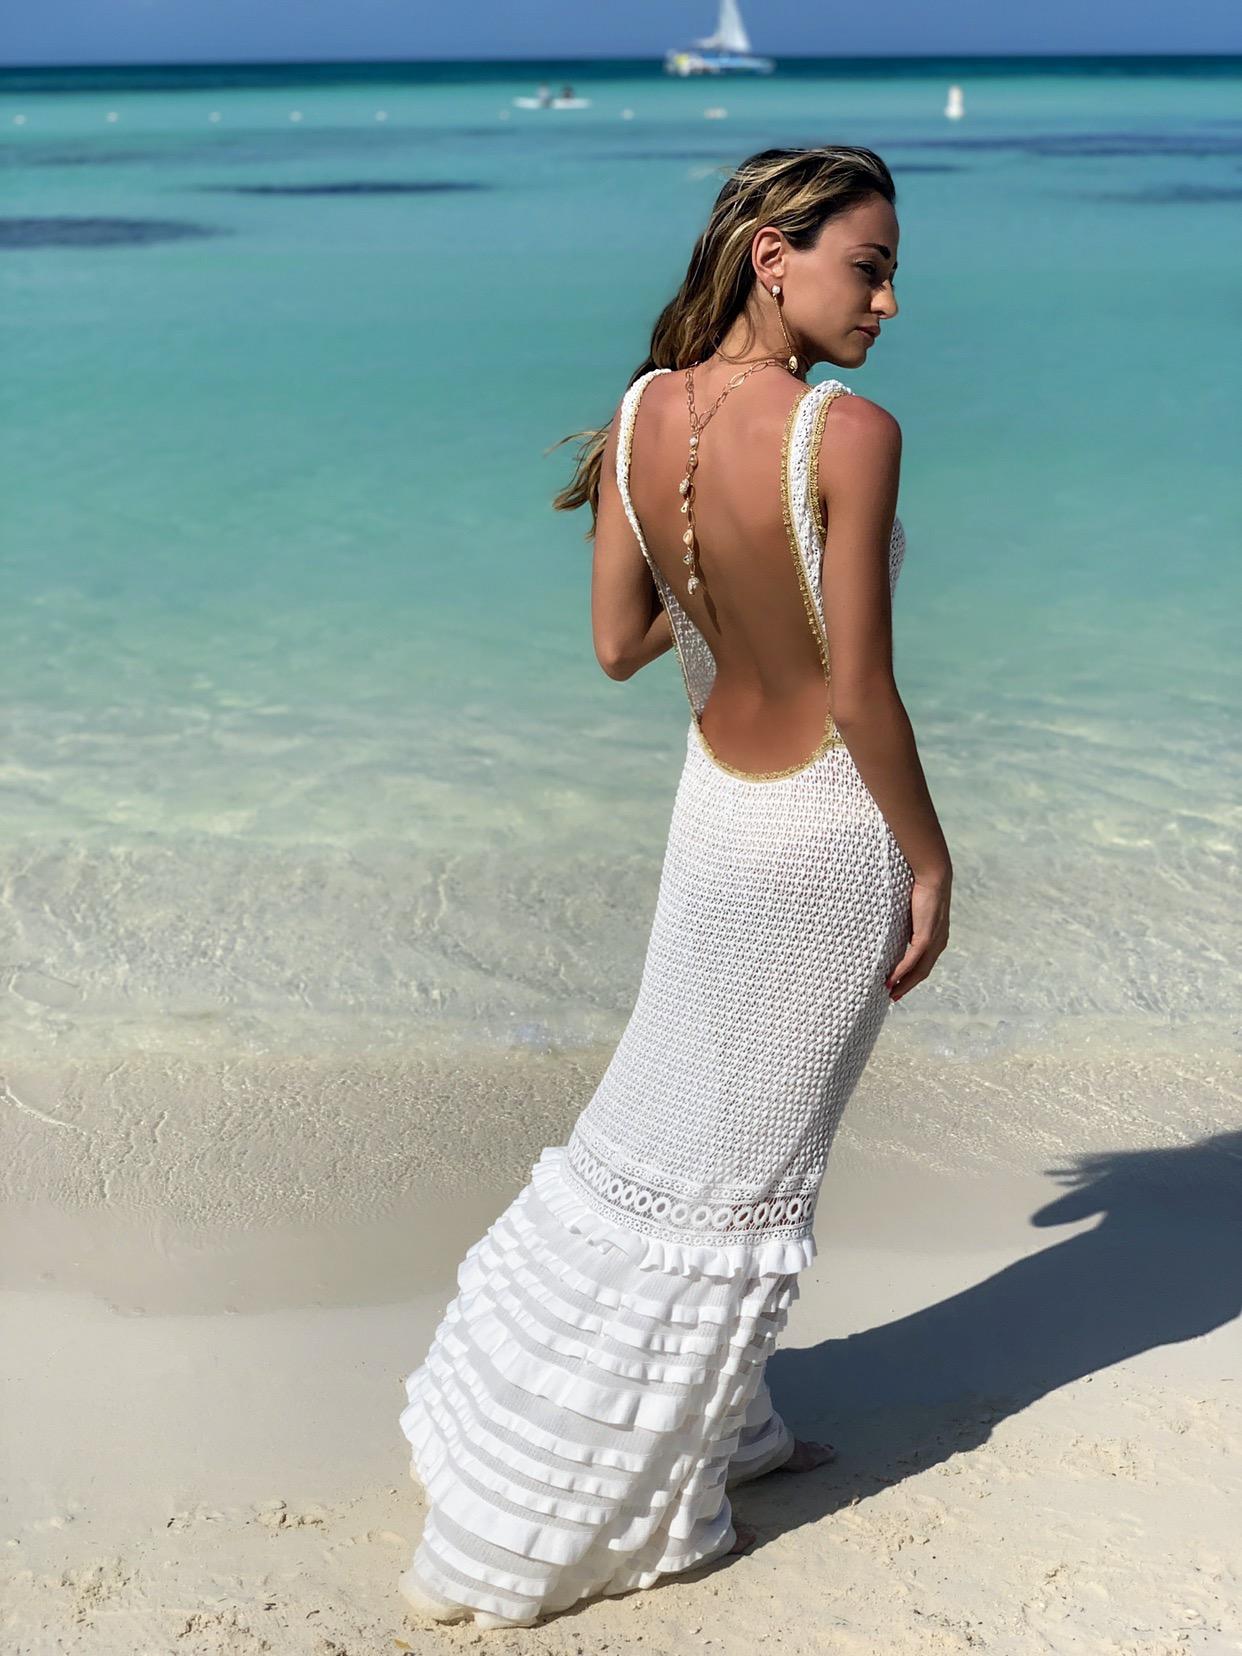 CHIO swimwear resort dress and jewelry by zaxie by stefanie taylor